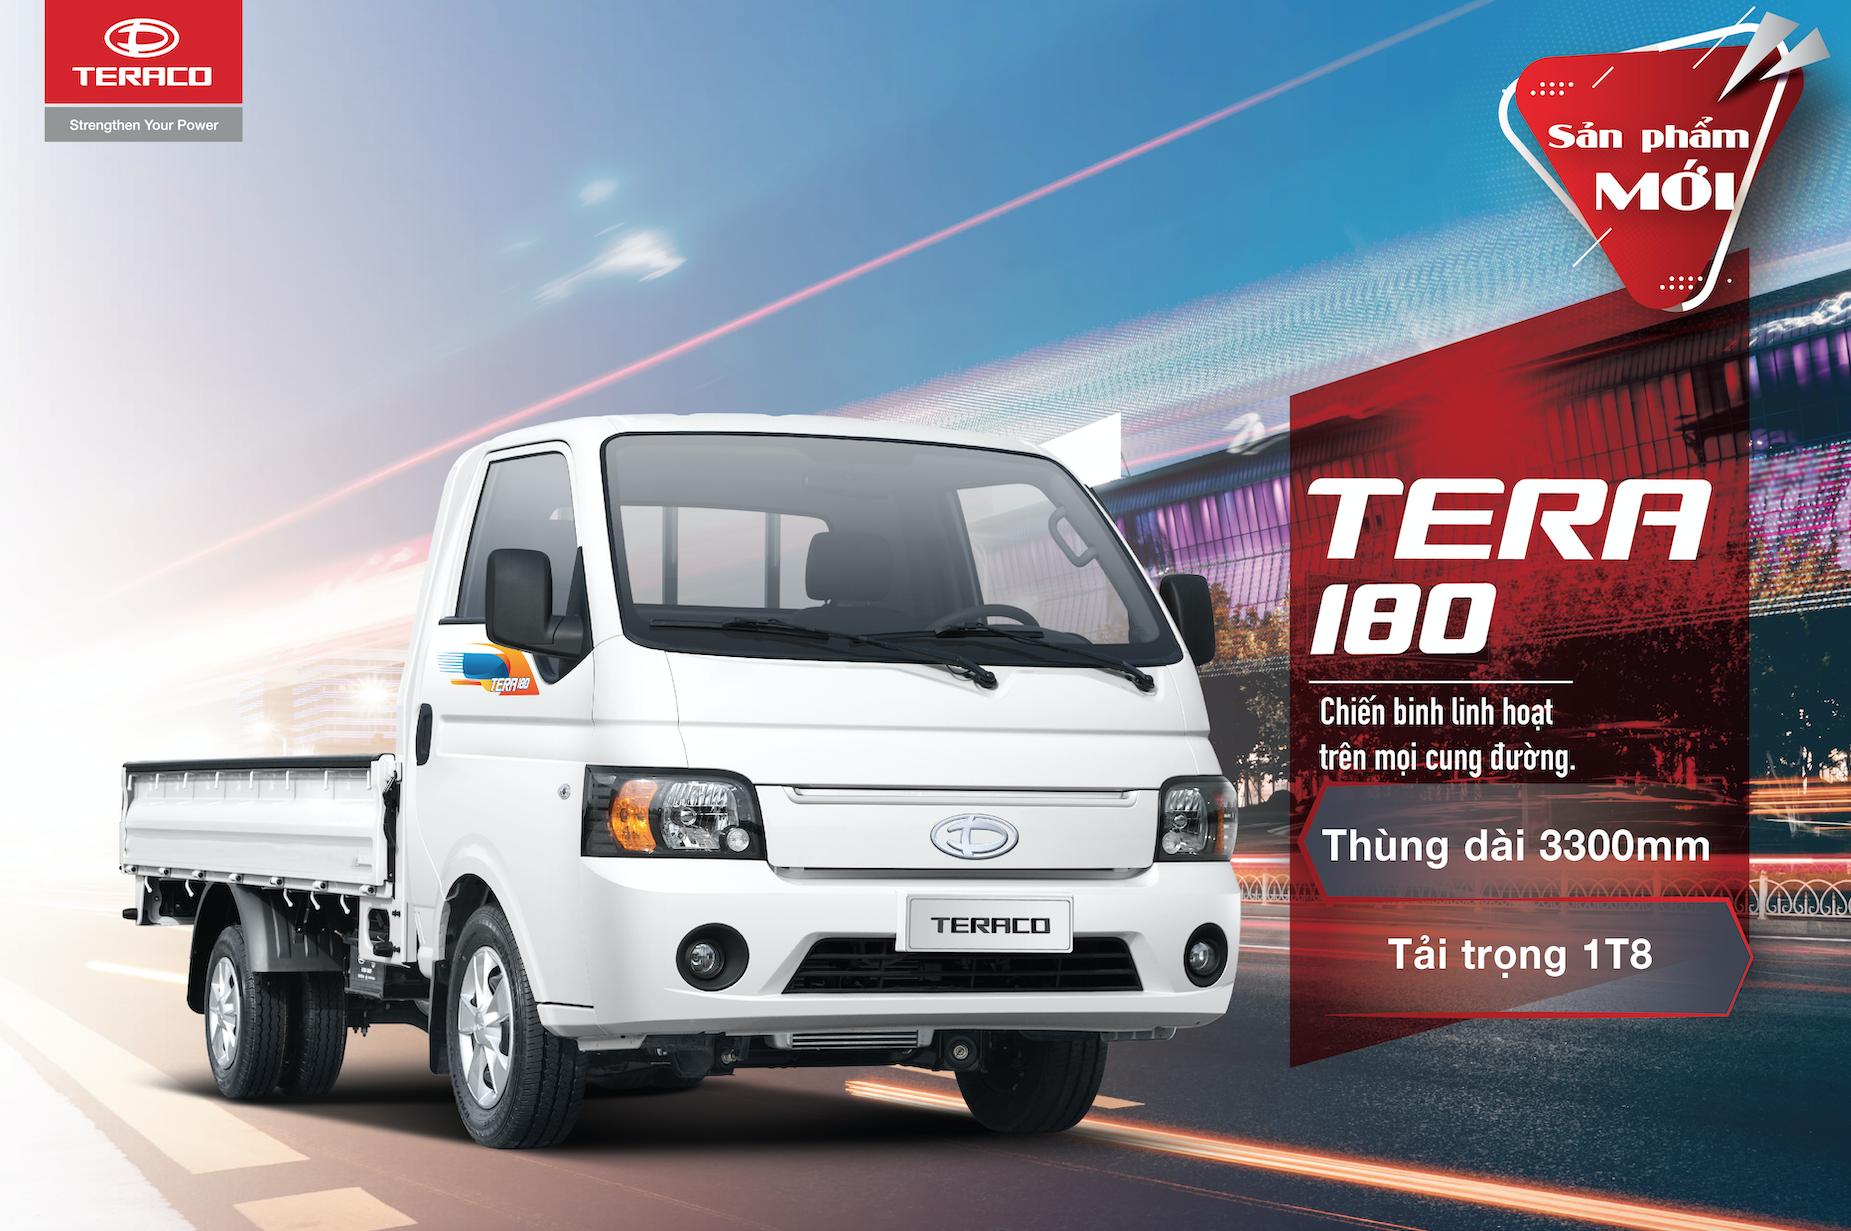 TERA150 & TERA180